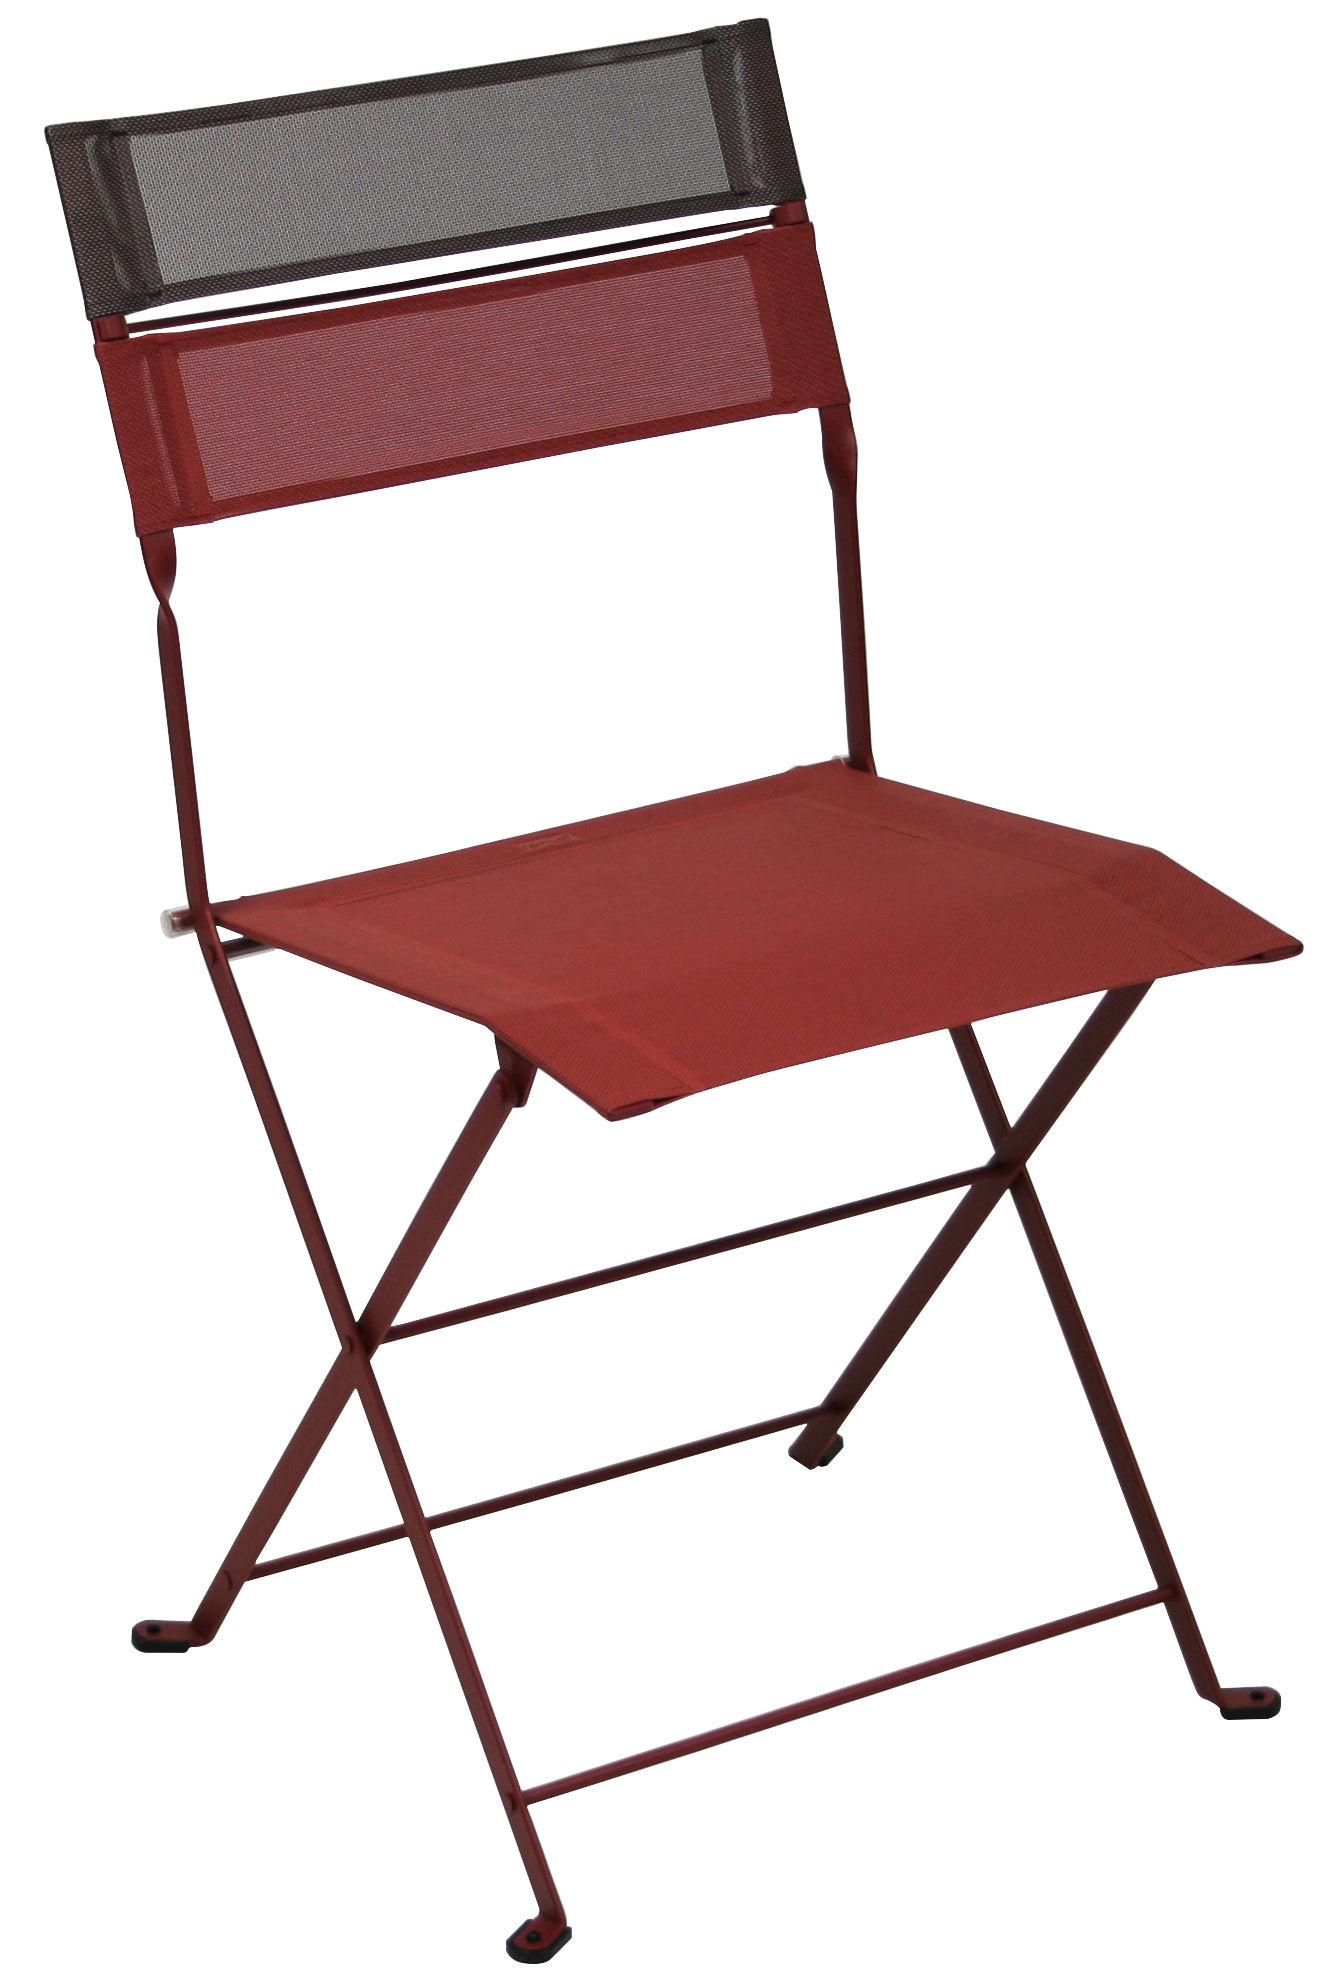 Chaise pliante latitude toile structure piment bandeau rouille fermob - Chaise pliante en toile ...